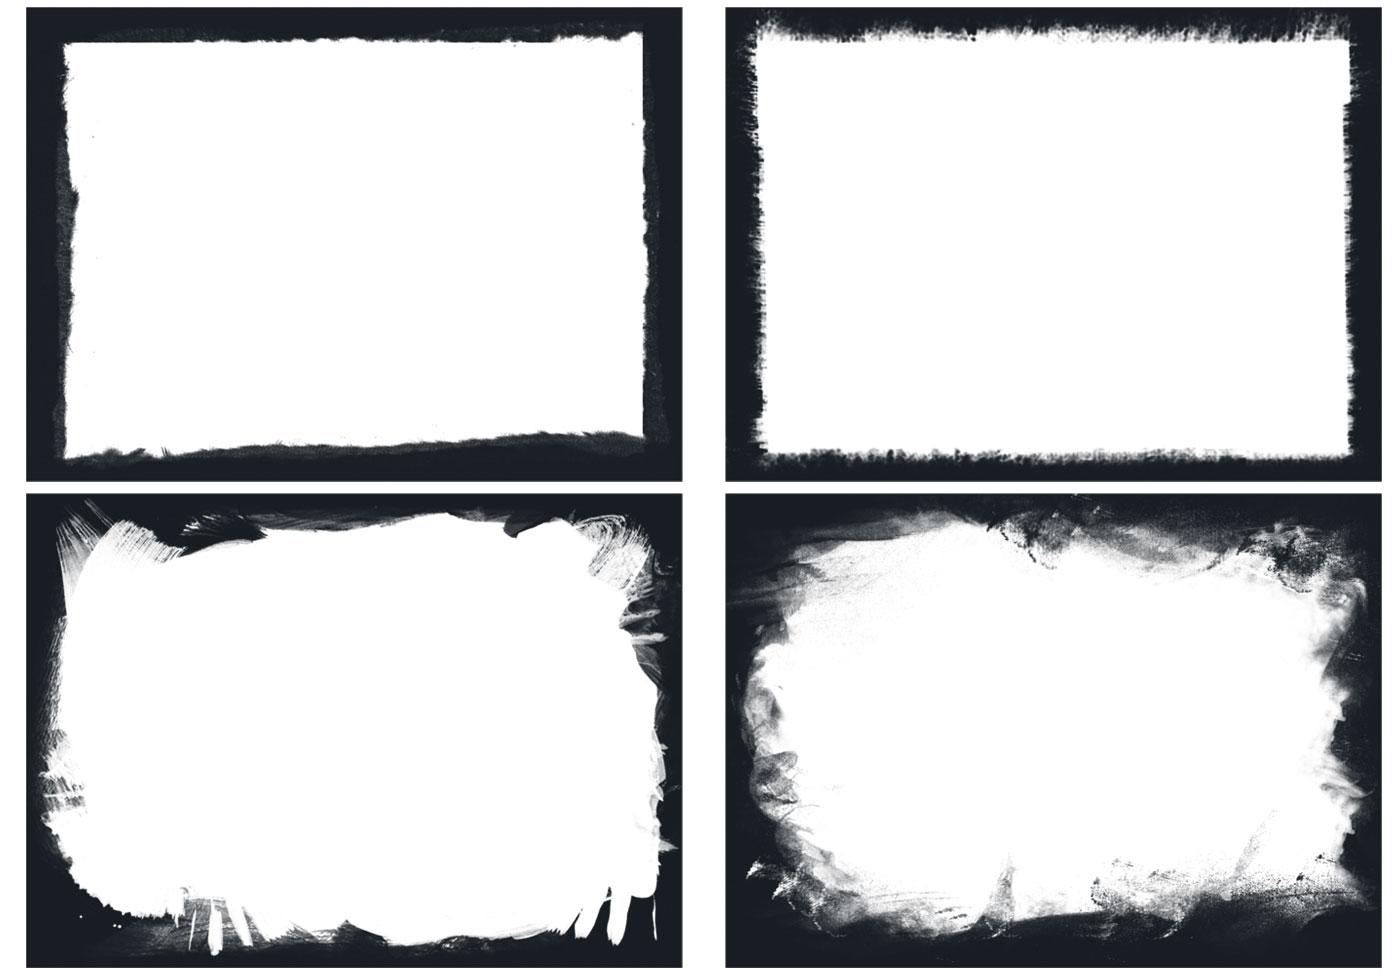 Апреля прикол, как сделать рваные края у картинки в фотошопе